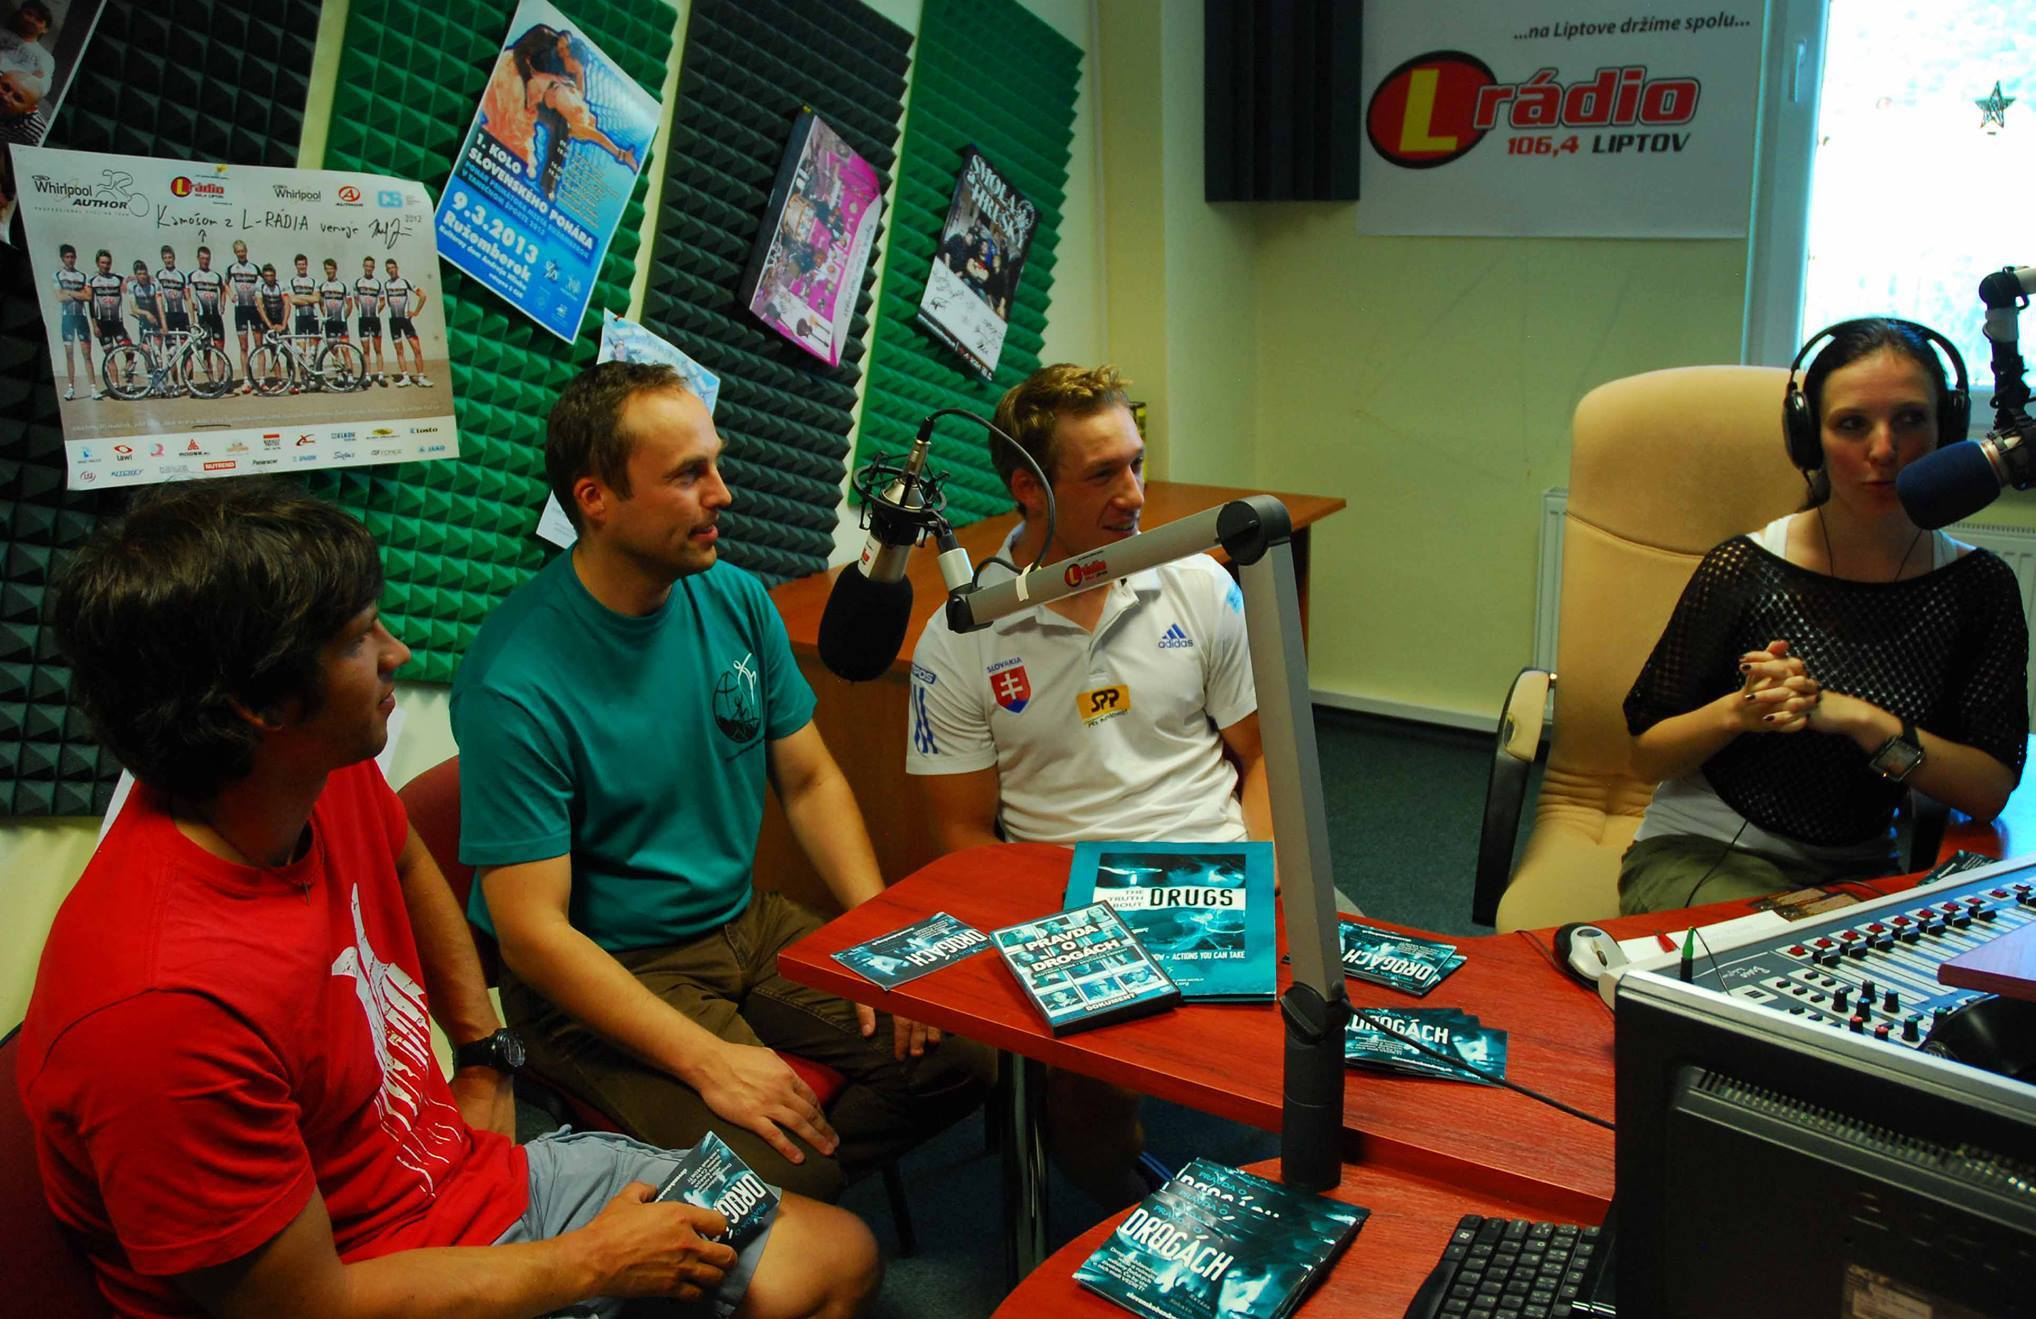 Ja a vodní slalomári Alexander Slavkovský a Martin Halčin - rozhovor v L-rádiu